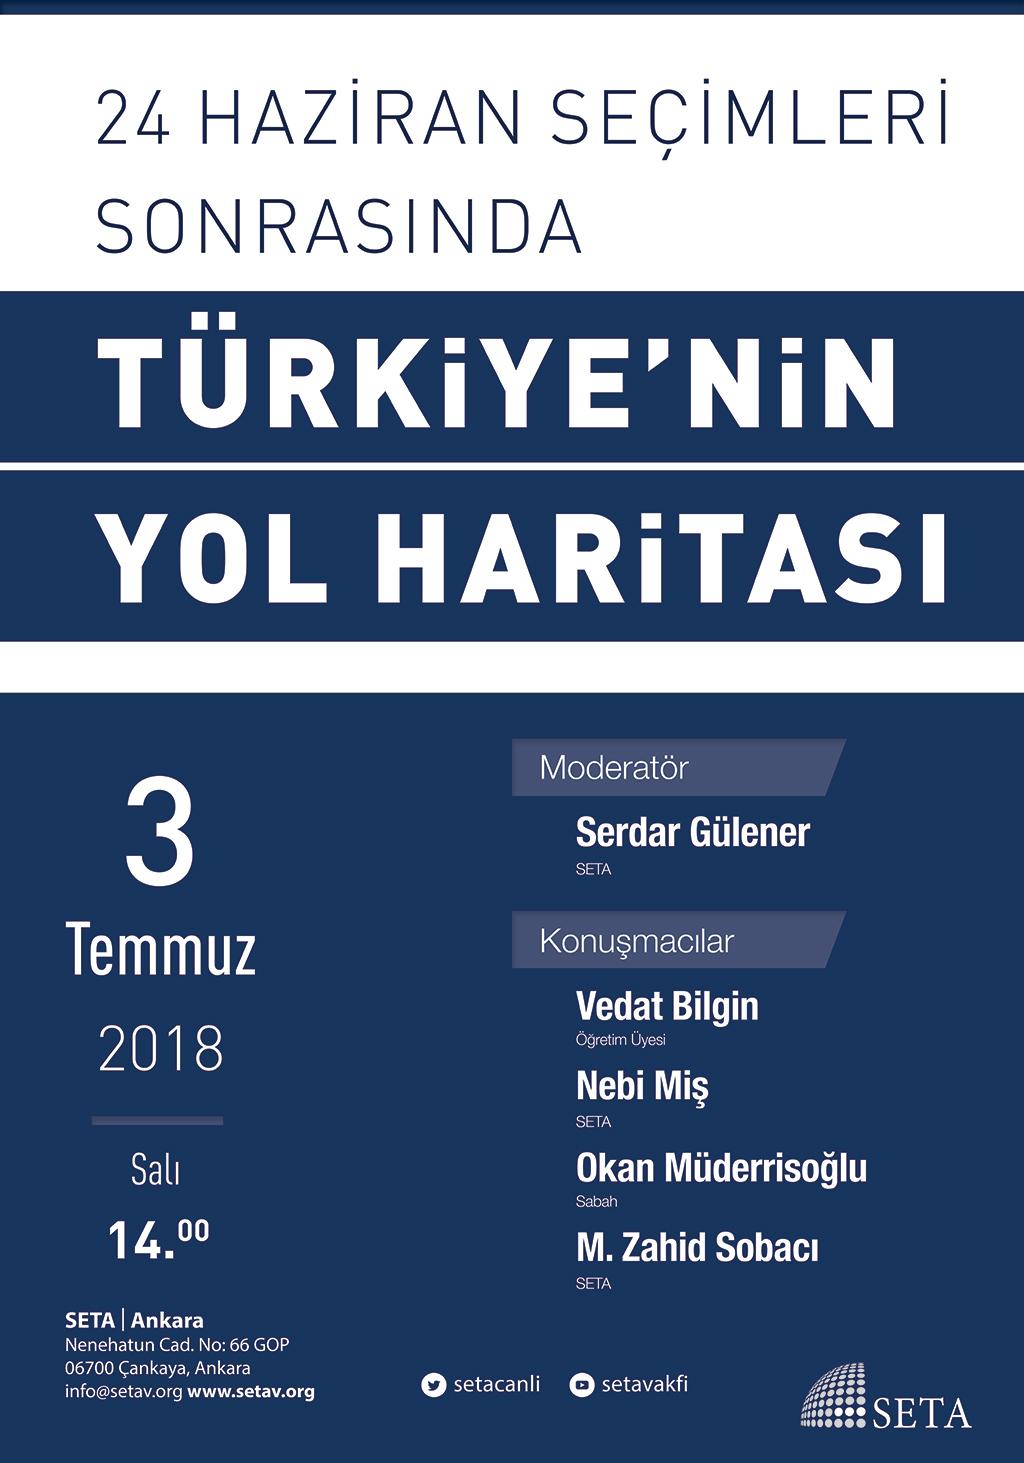 Panel: 24 Haziran Seçimleri Sonrasında Türkiye'nin Yol Haritası